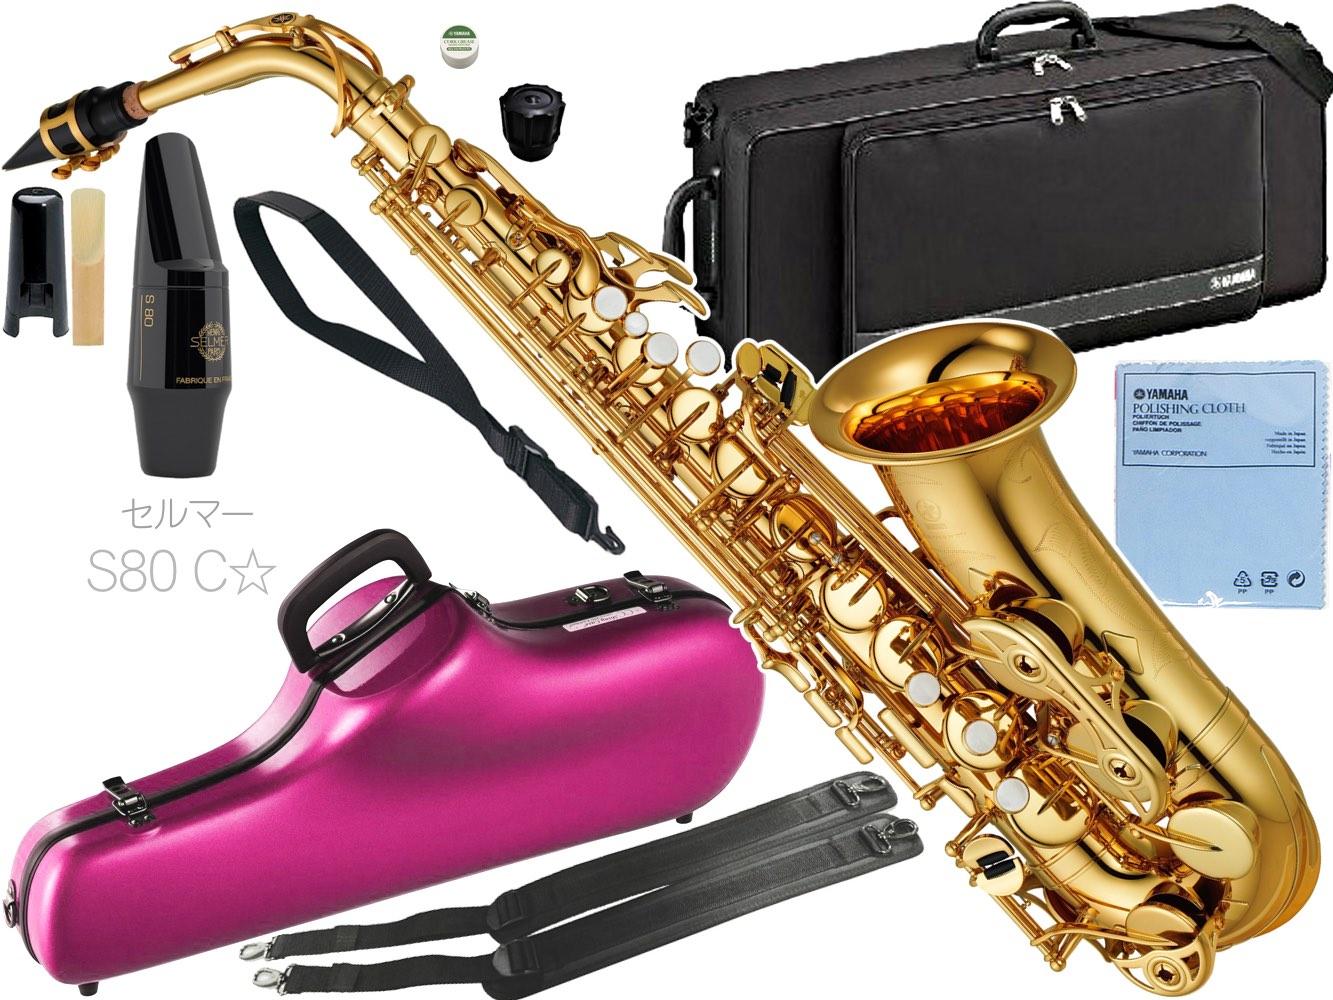 正規品 オプションネック対応 楽器 マウスピース AS-4C YAMAHA ヤマハ YAS-480 アルトサックス 管楽器 E♭ saxophone オリジナル セルマー 沖縄 alto 離島不可 北海道 YAS-480-01 CCシャイニー セット ギフト gold